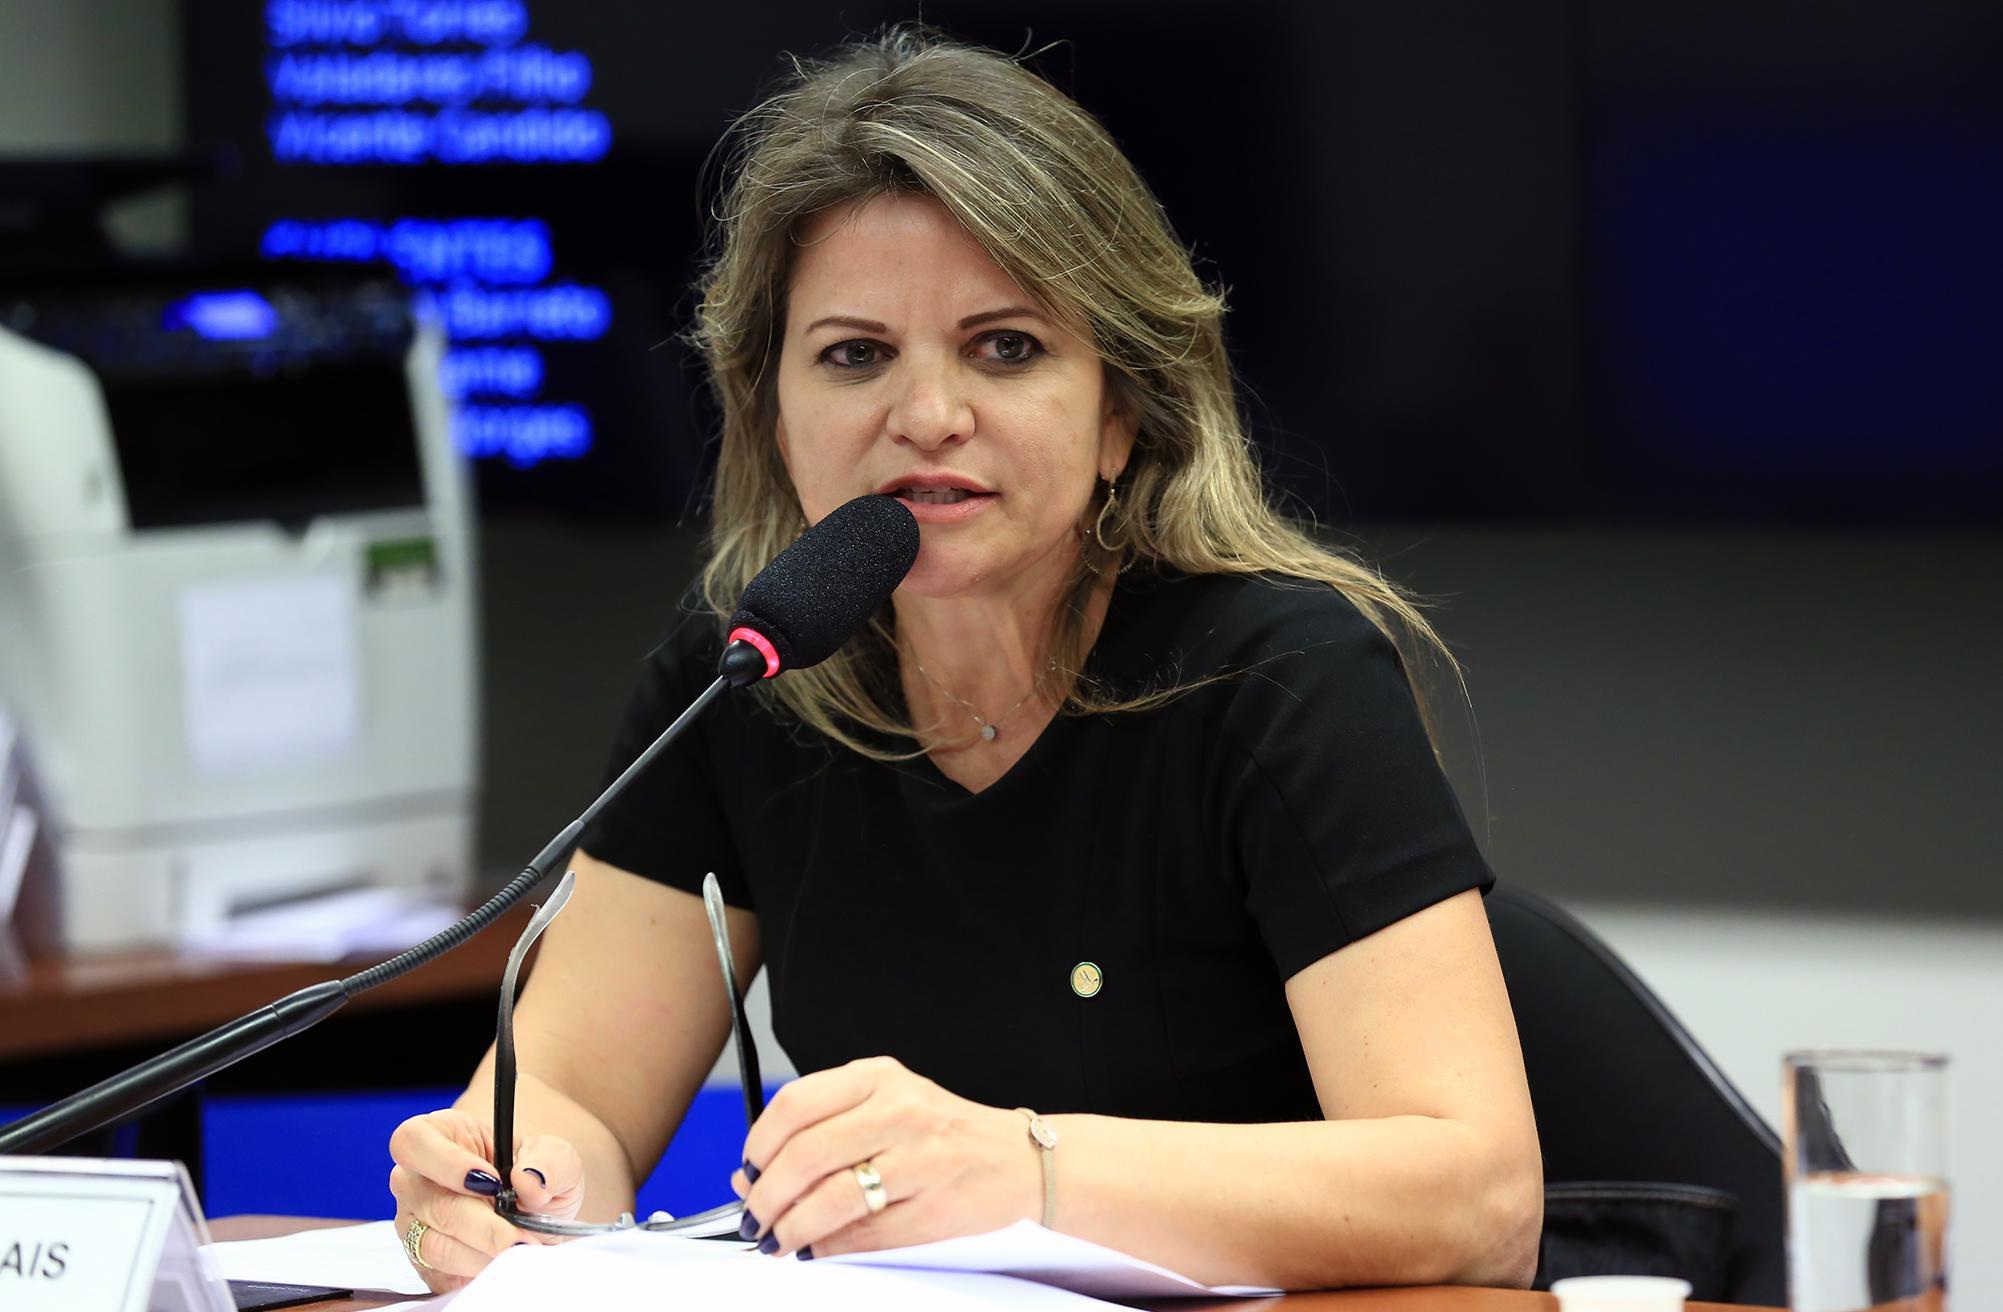 Audiência pública sobre o PL 6718/16, que redistribui recursos das lotéricas federais para o esporte. Dep. Flávia Morais (PDT - GO)